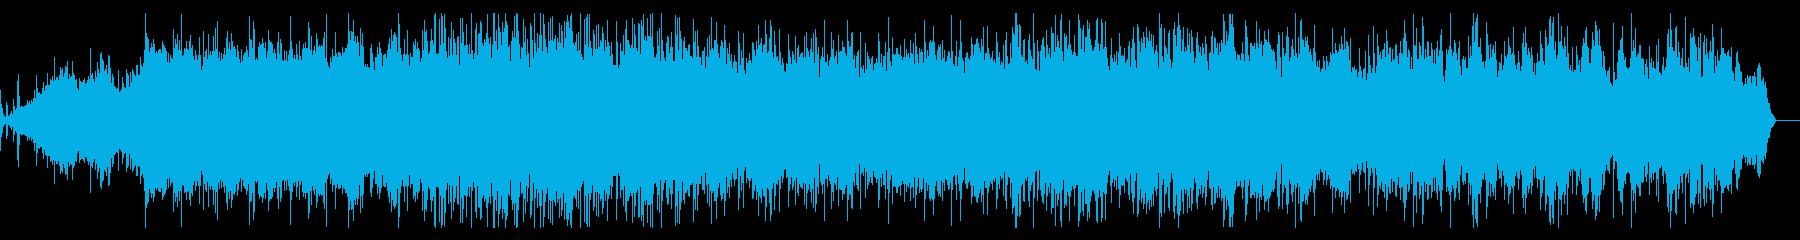 シネマティックで幻想的なIDMの再生済みの波形